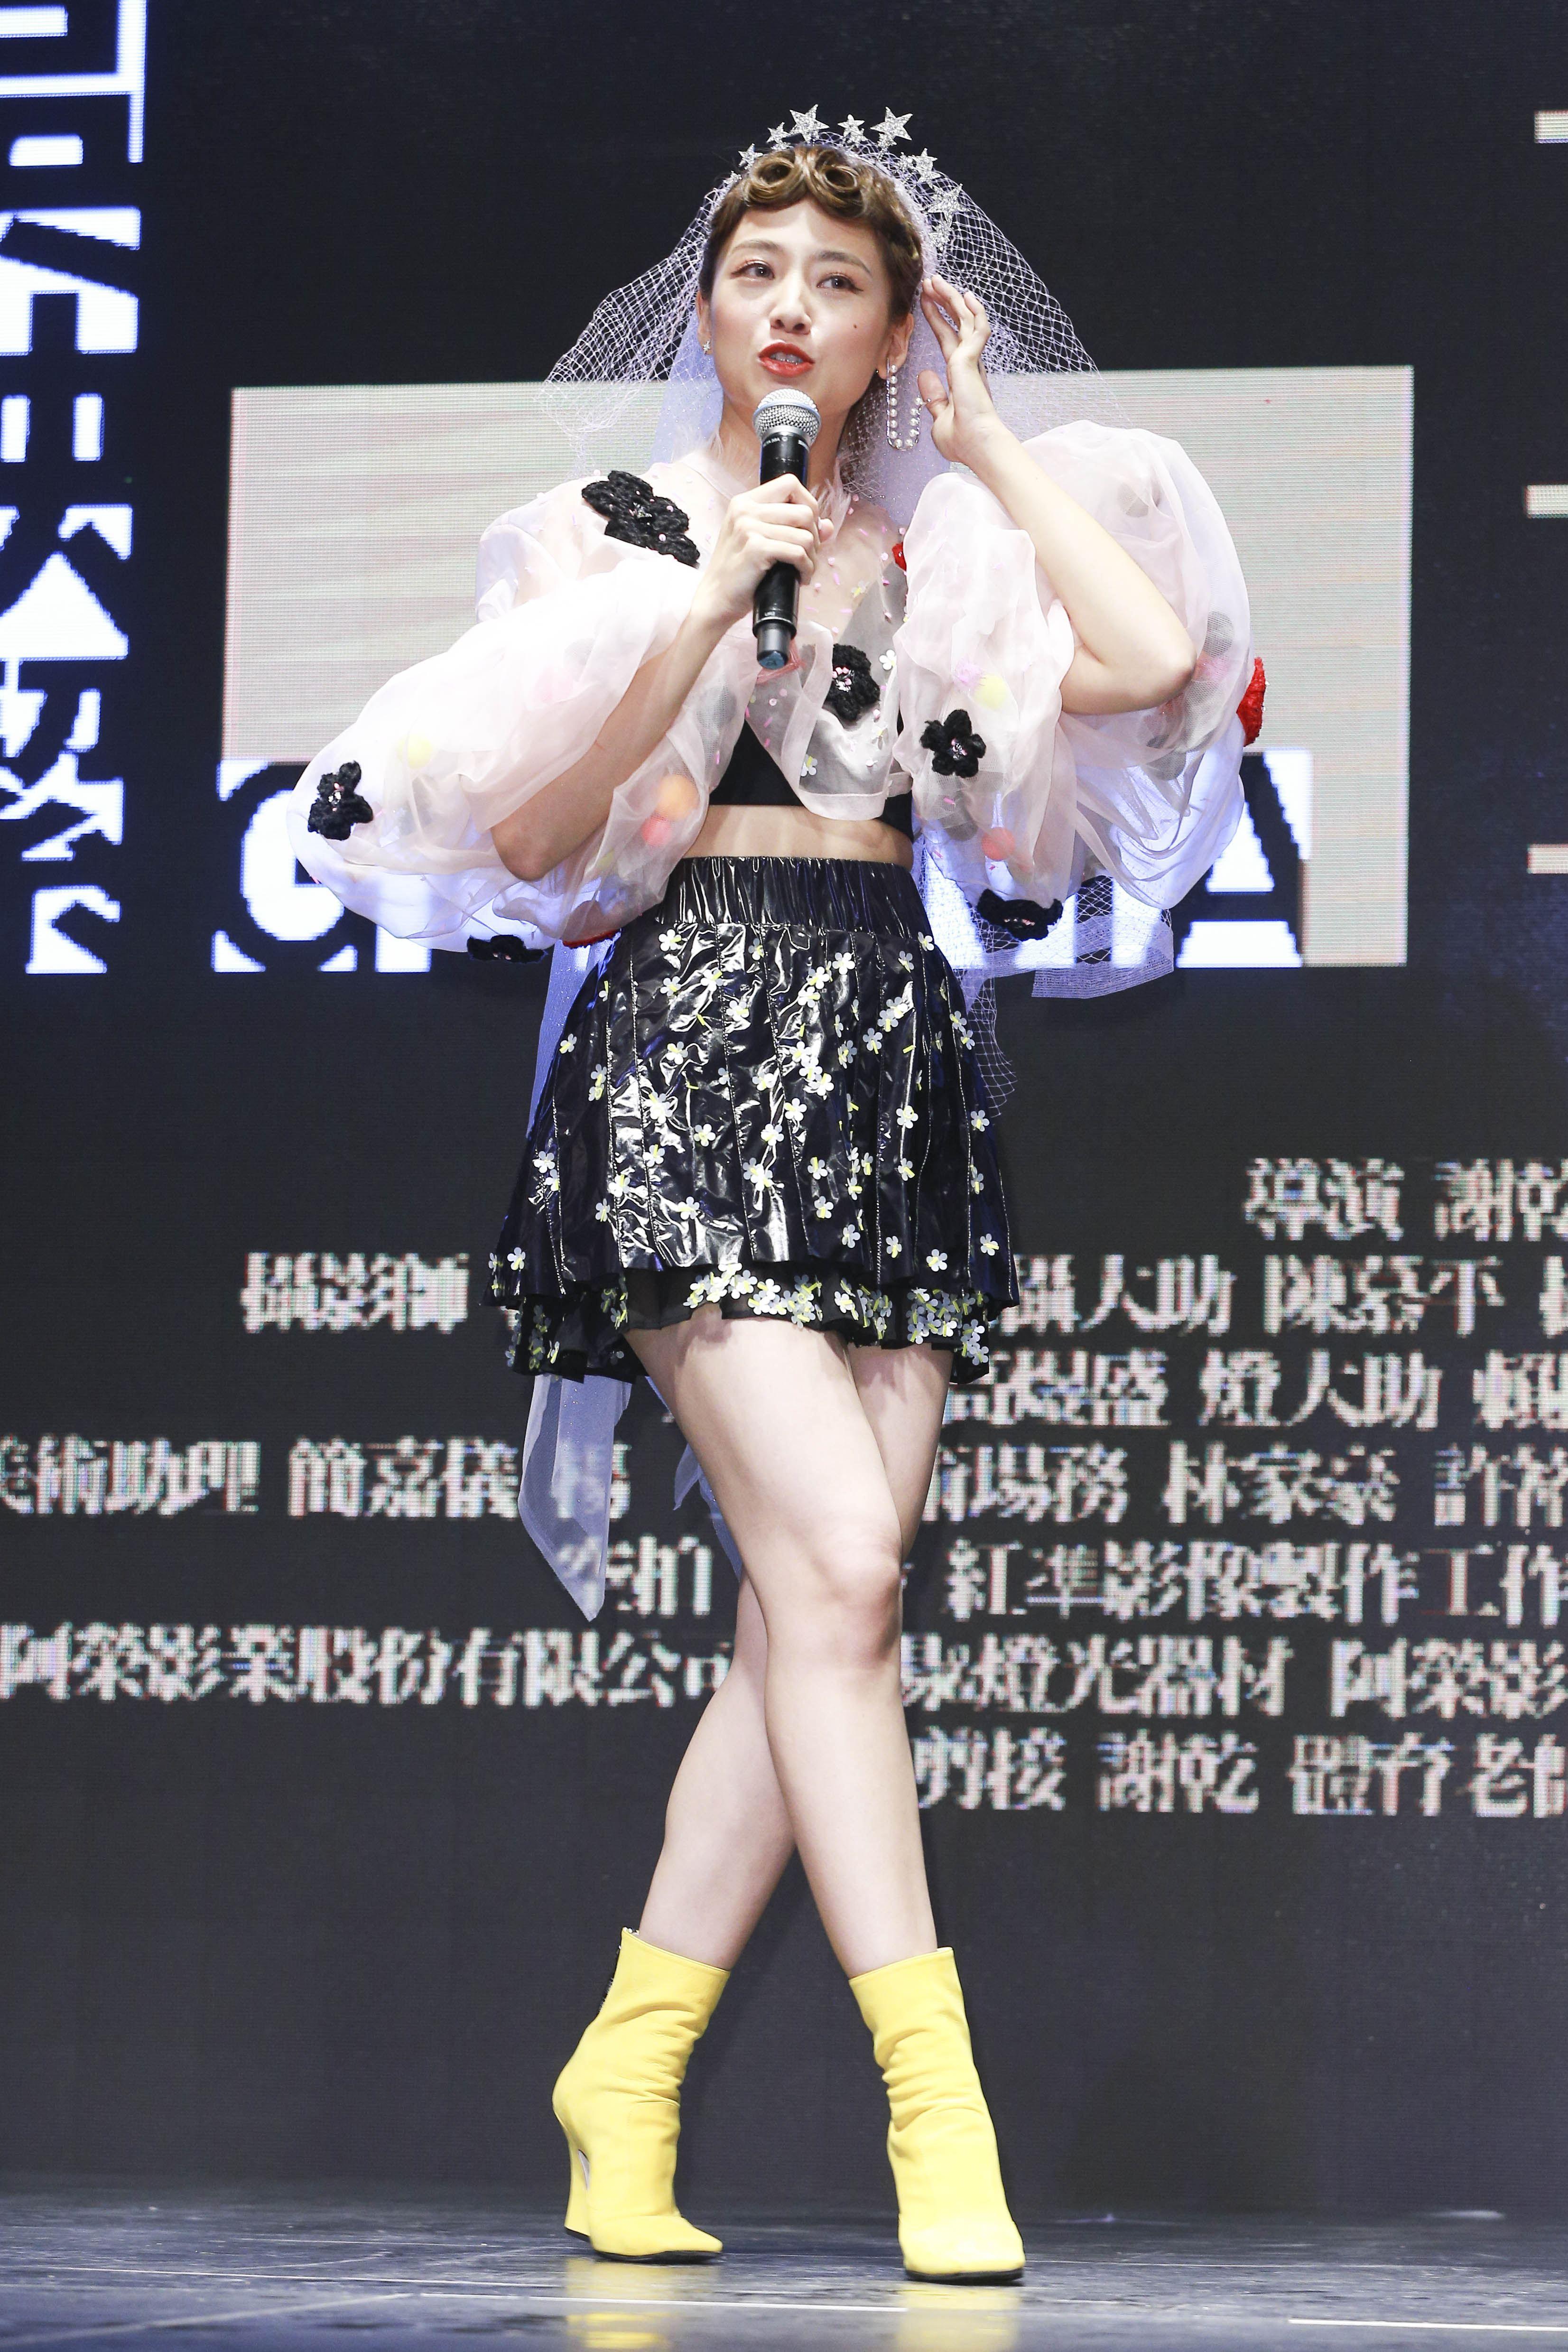 「鬼鬼」吳映潔加盟新東家唱片公司avex taiwan。(圖/記者林士傑攝影)